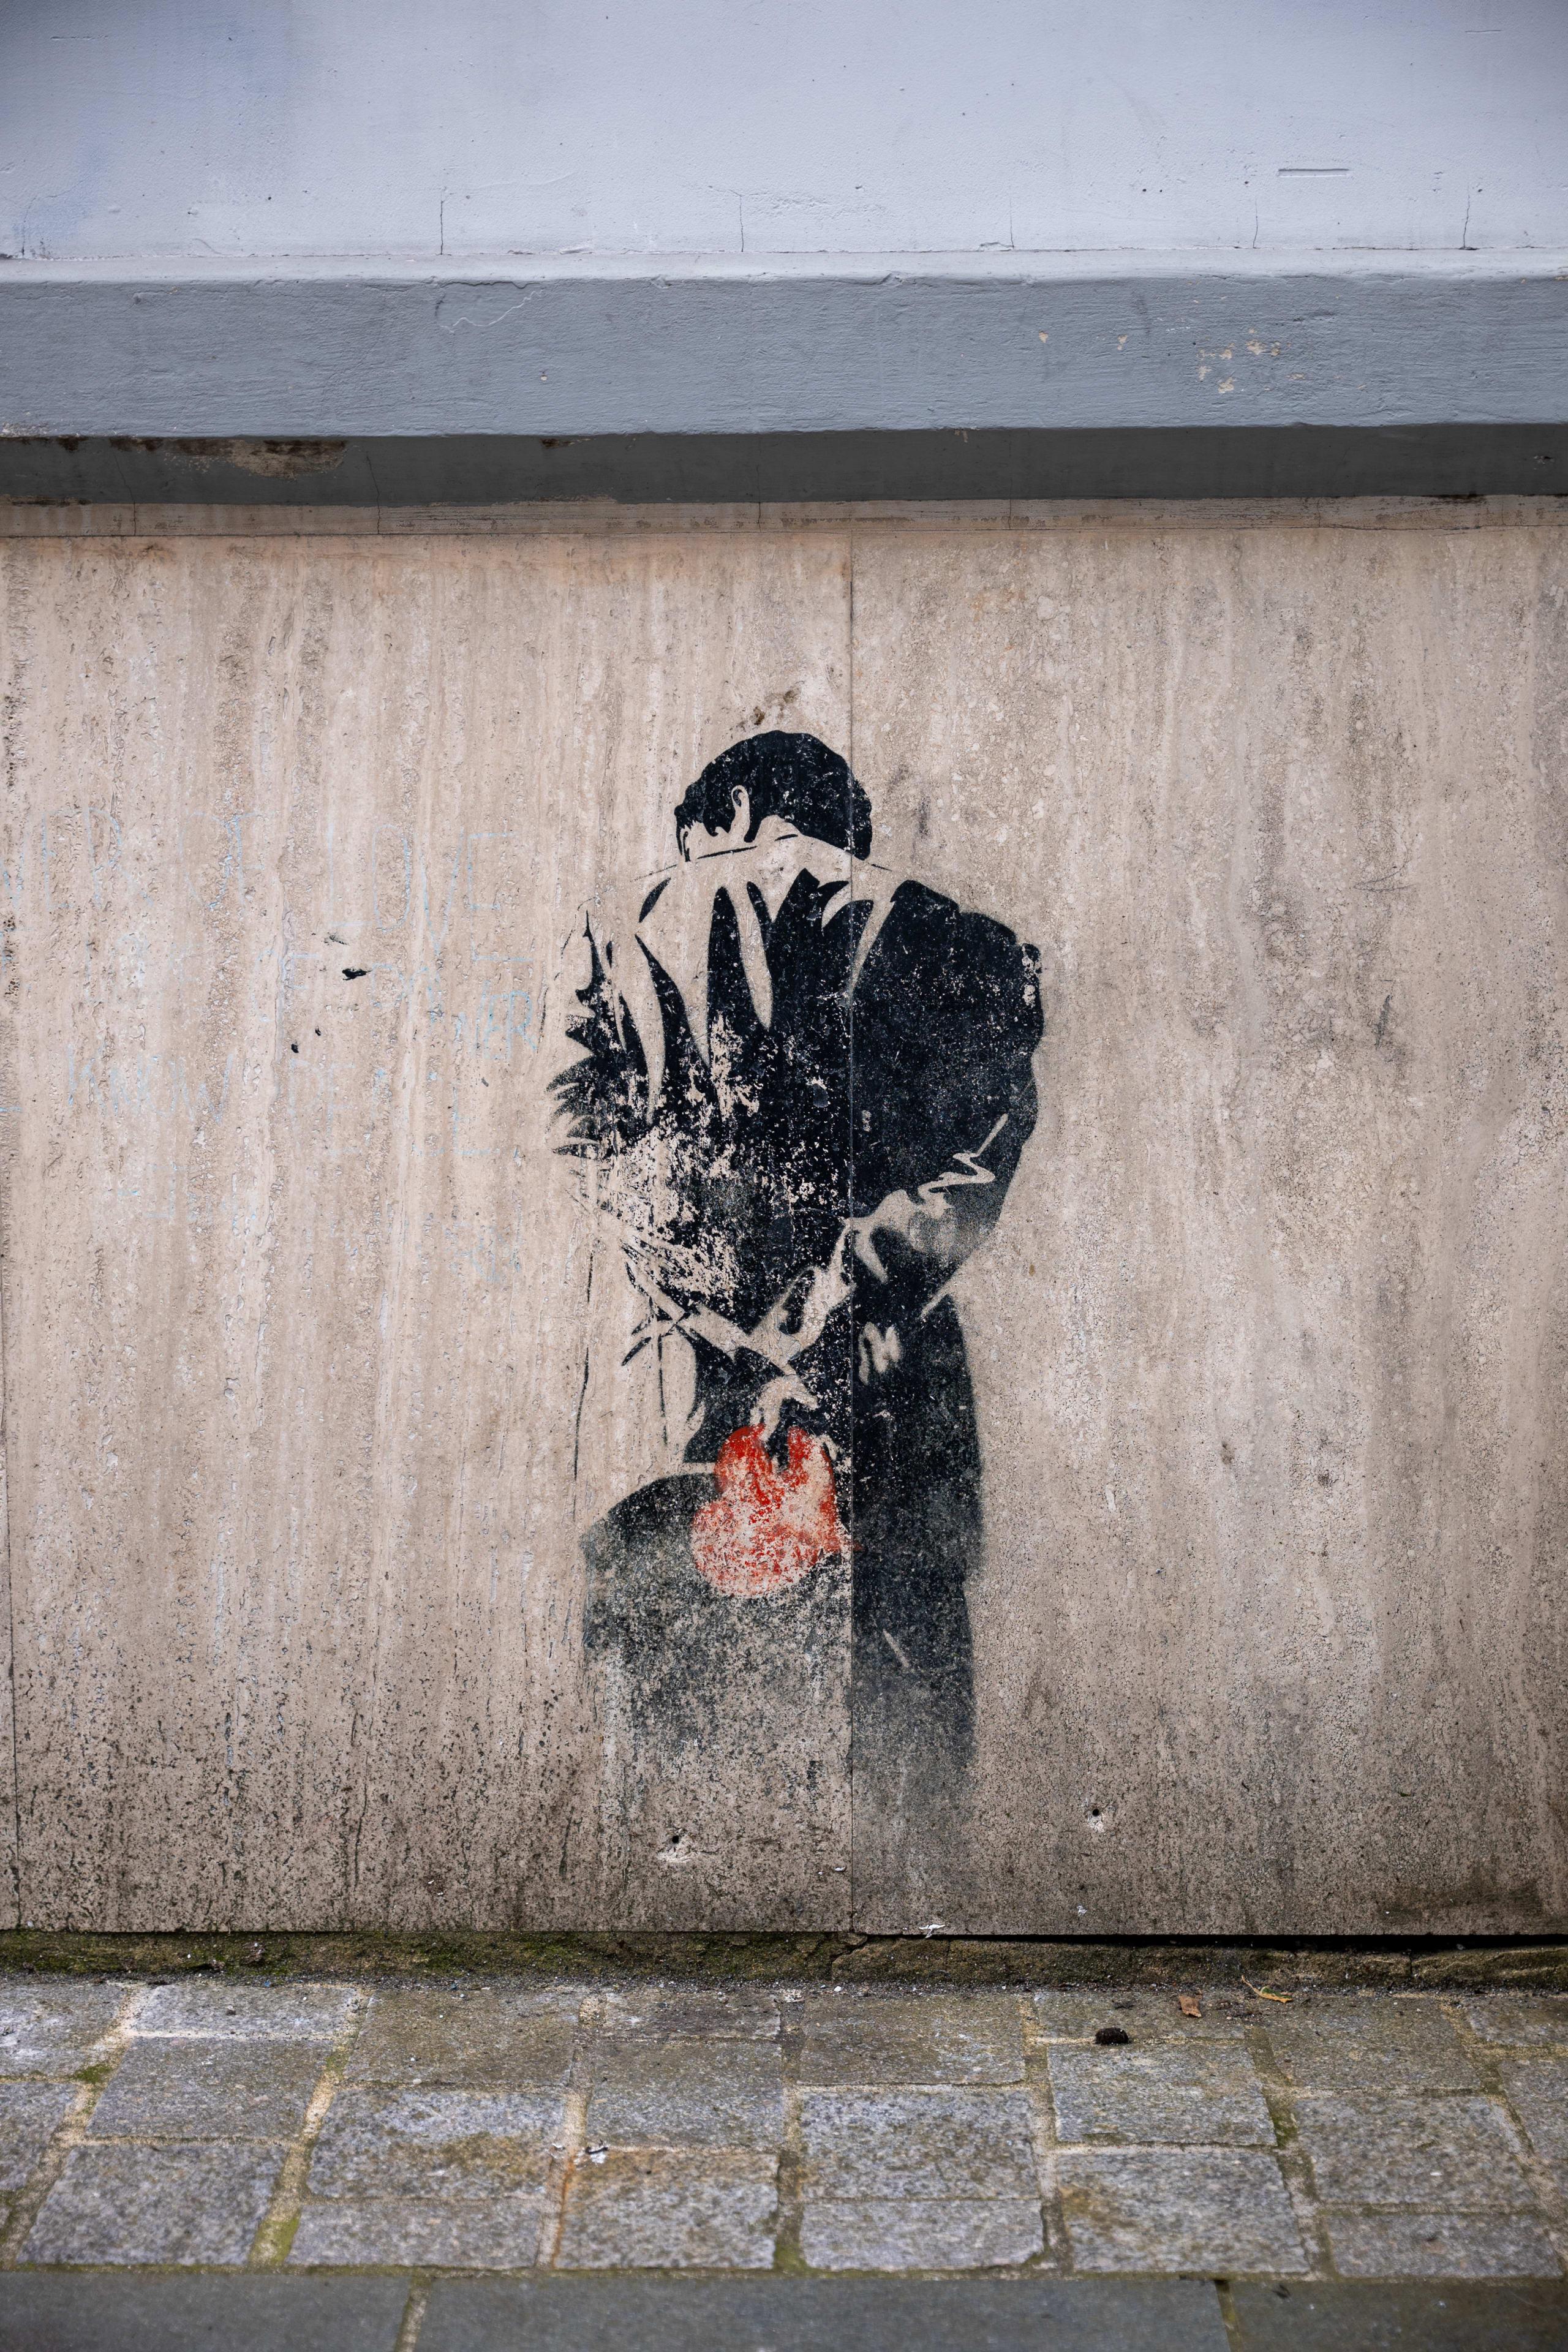 Street art in Bergen by Dolk